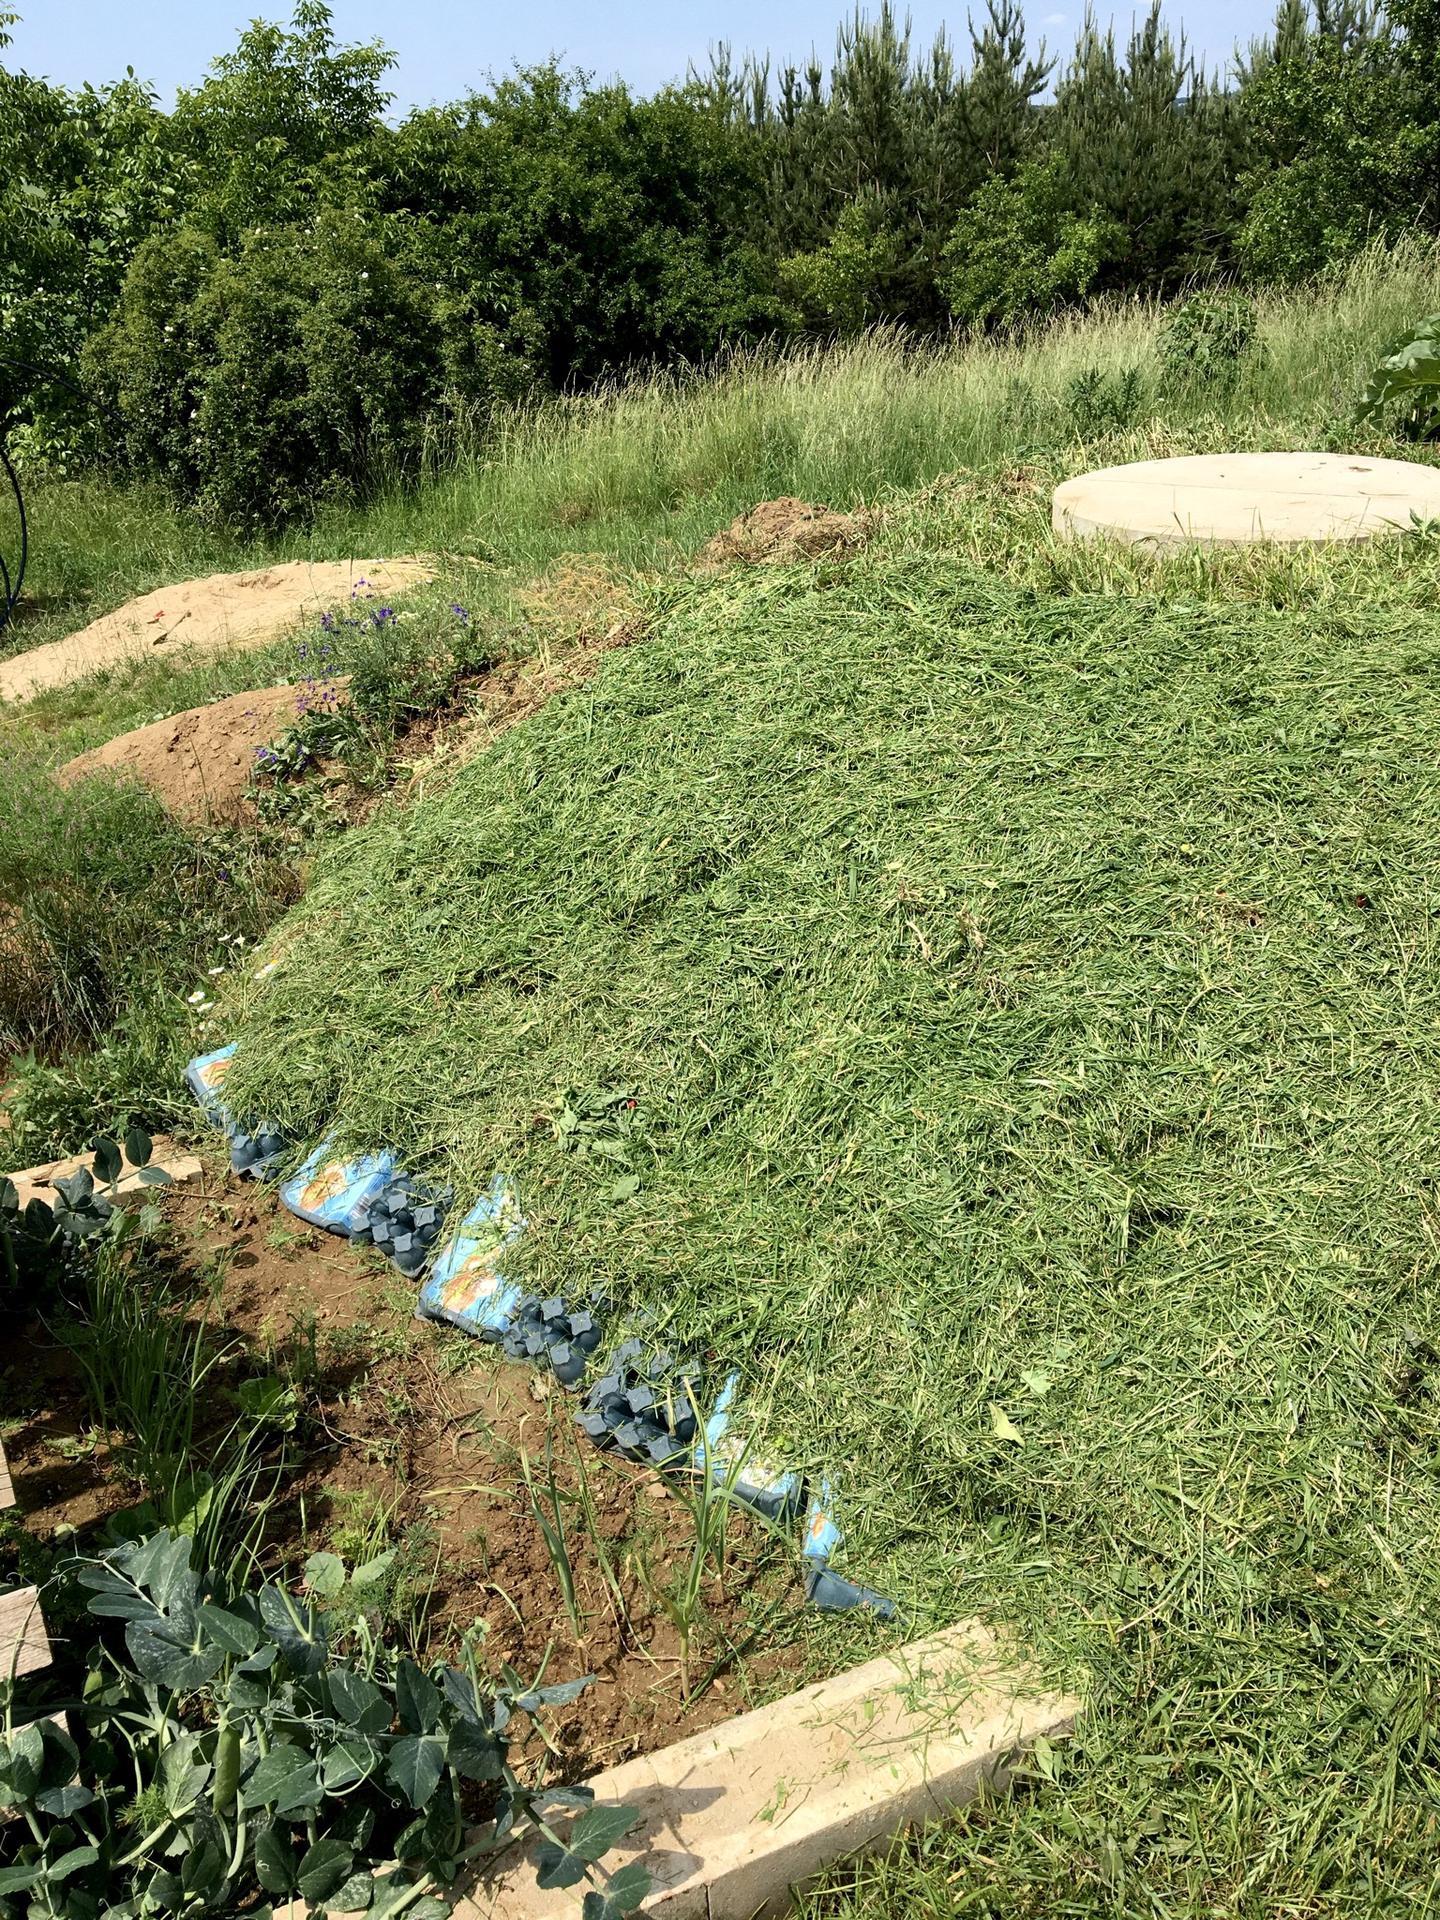 Fáze druhá ... zahrada - Červen 2020 - mulč z posekané trávy se osvědčil, toto místo je hodně zaplevelená, tak dospod přišly kartóny a plata od vajec